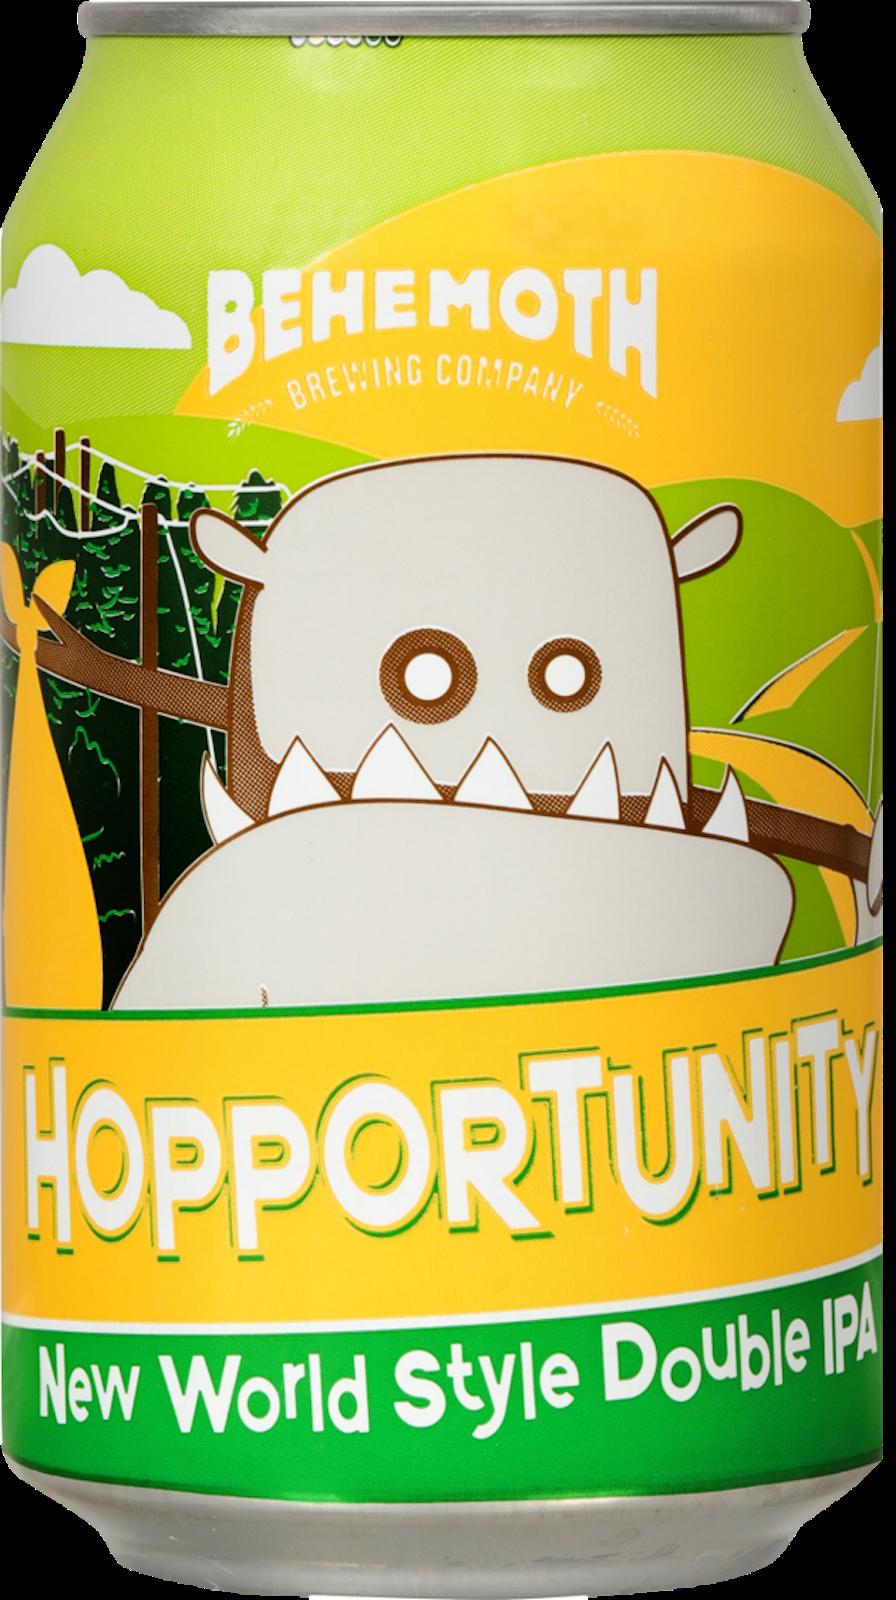 Hopportunity